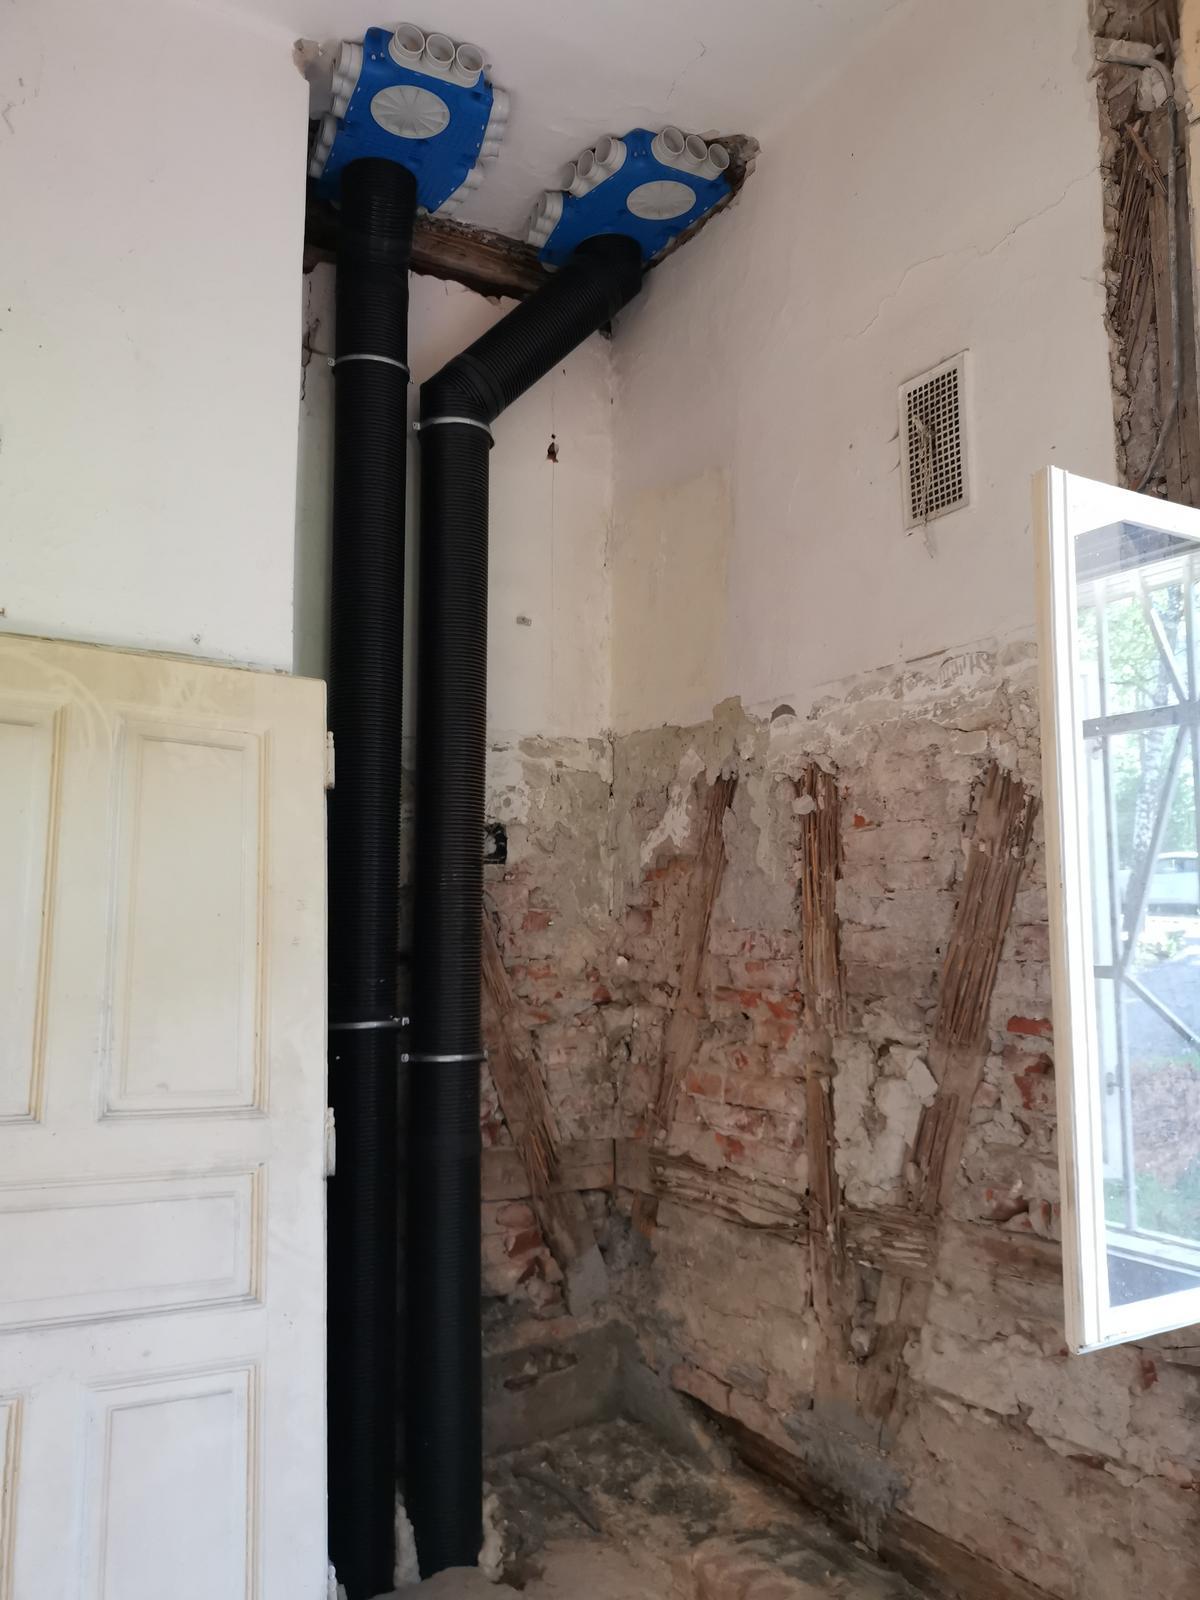 Montáž vetracích rozvodov pre rekuperáciu - Použité sú ventilačné rozvody COMAIR Uniflexplus+ a Isocomplus+, vzhľadom na zachovanie autentického interiéru sú vyústenia realizované kombináciou podlahových, stenových a stropných vyústení tak, aby boli zachované stropné klenby a prvky.